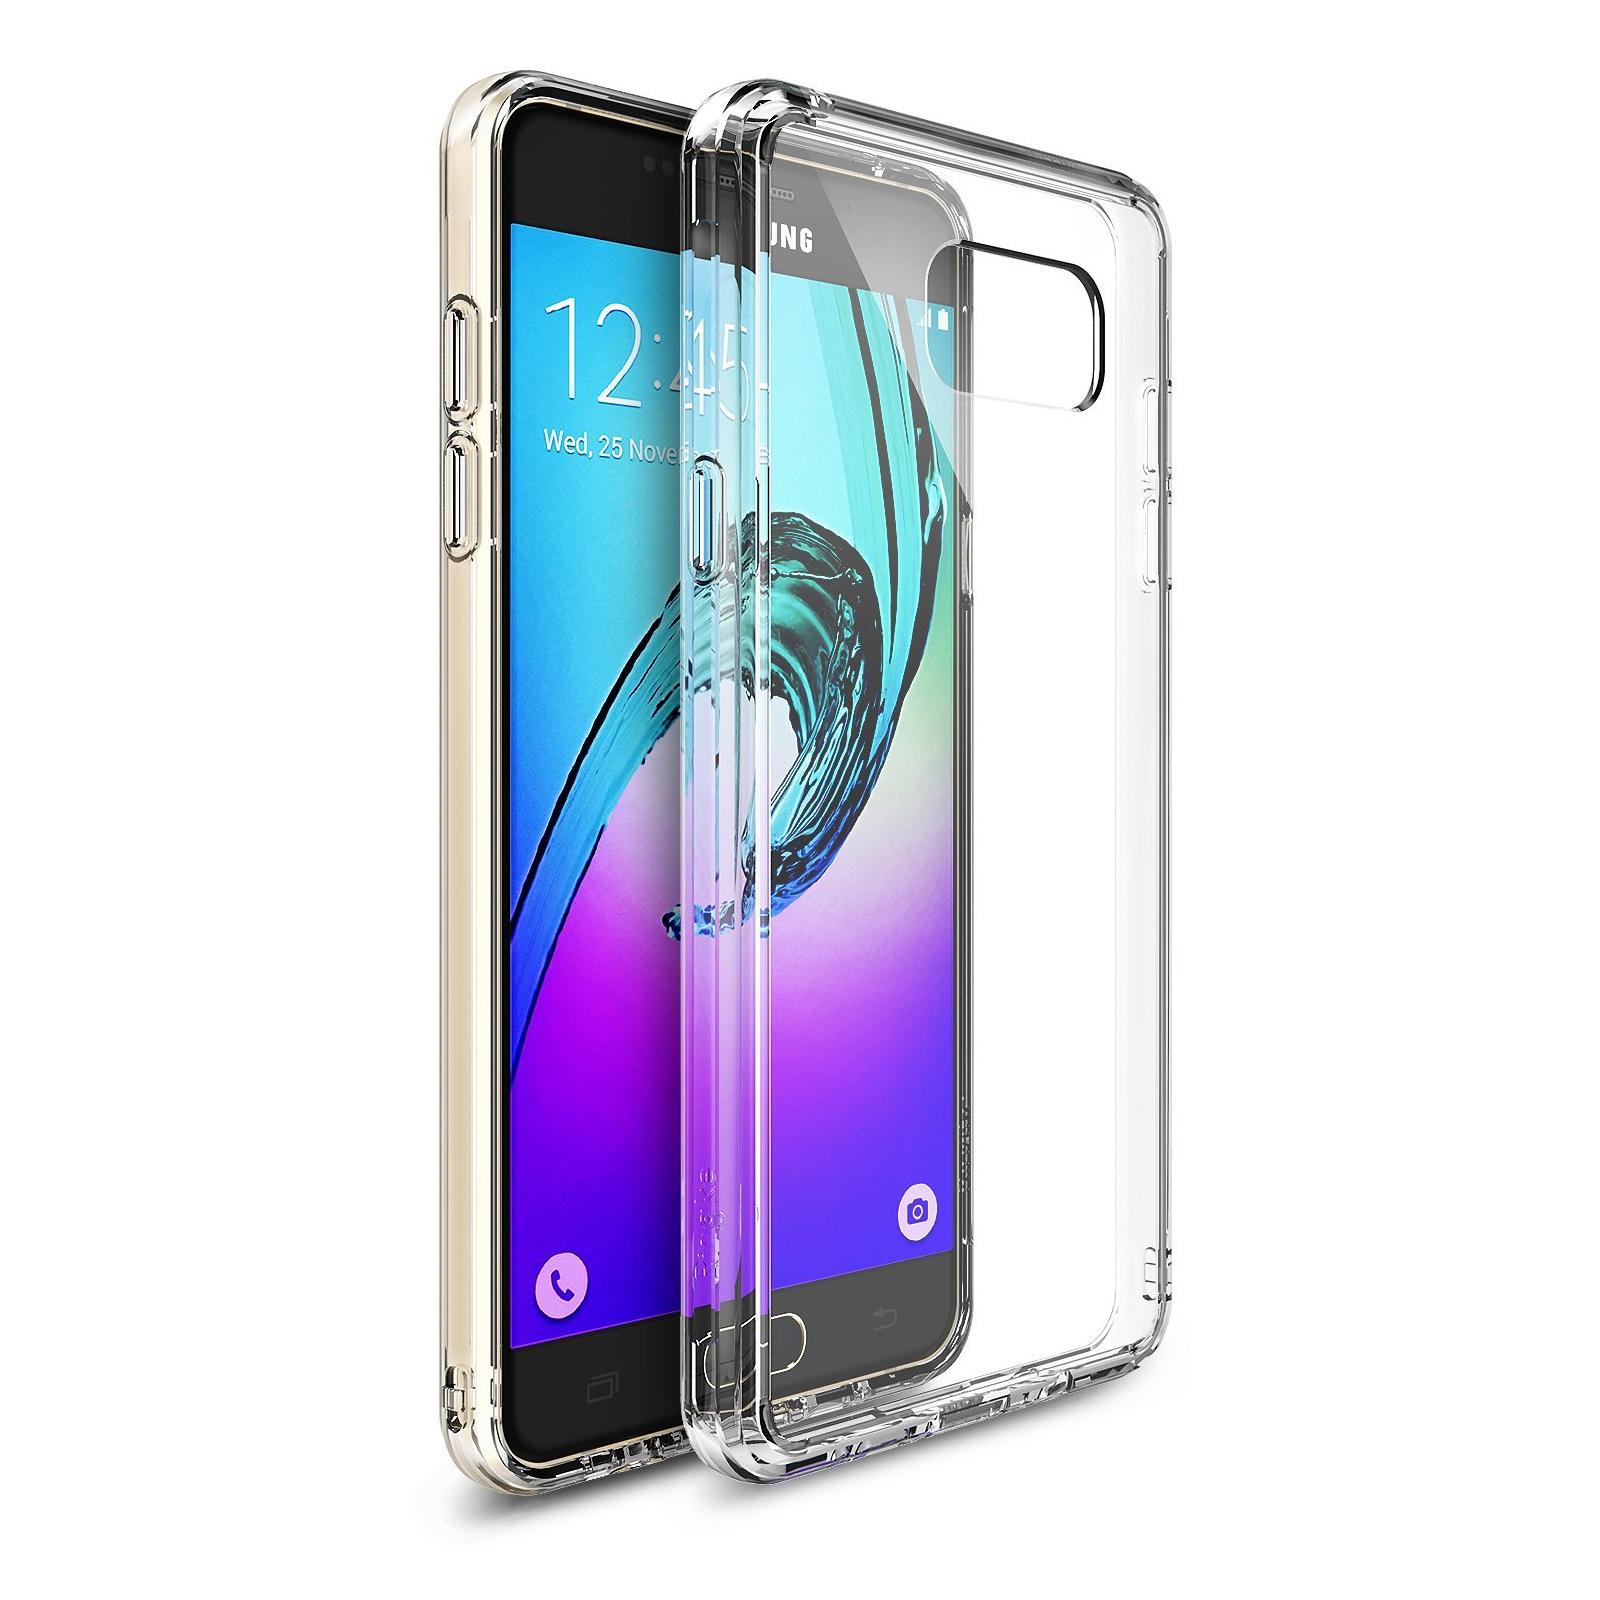 Чехол для моб. телефона Ringke Fusion для Samsung Galaxy A7 2016 Crystal View (179997)